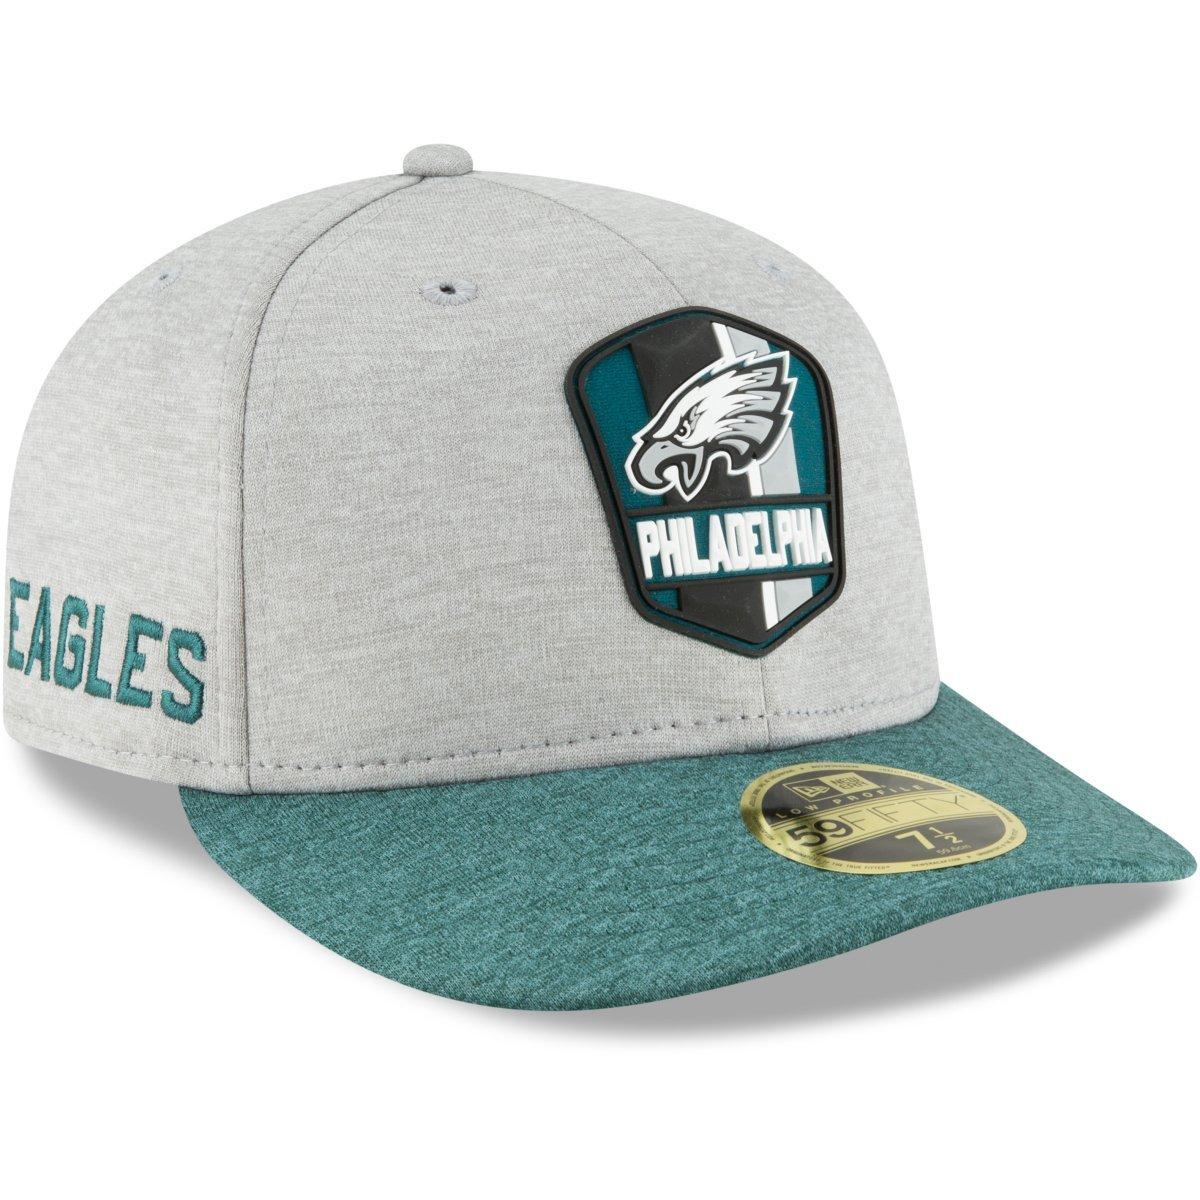 New Era 59Fifty Low Profile Cap NFL 2018 Sideline Away grey